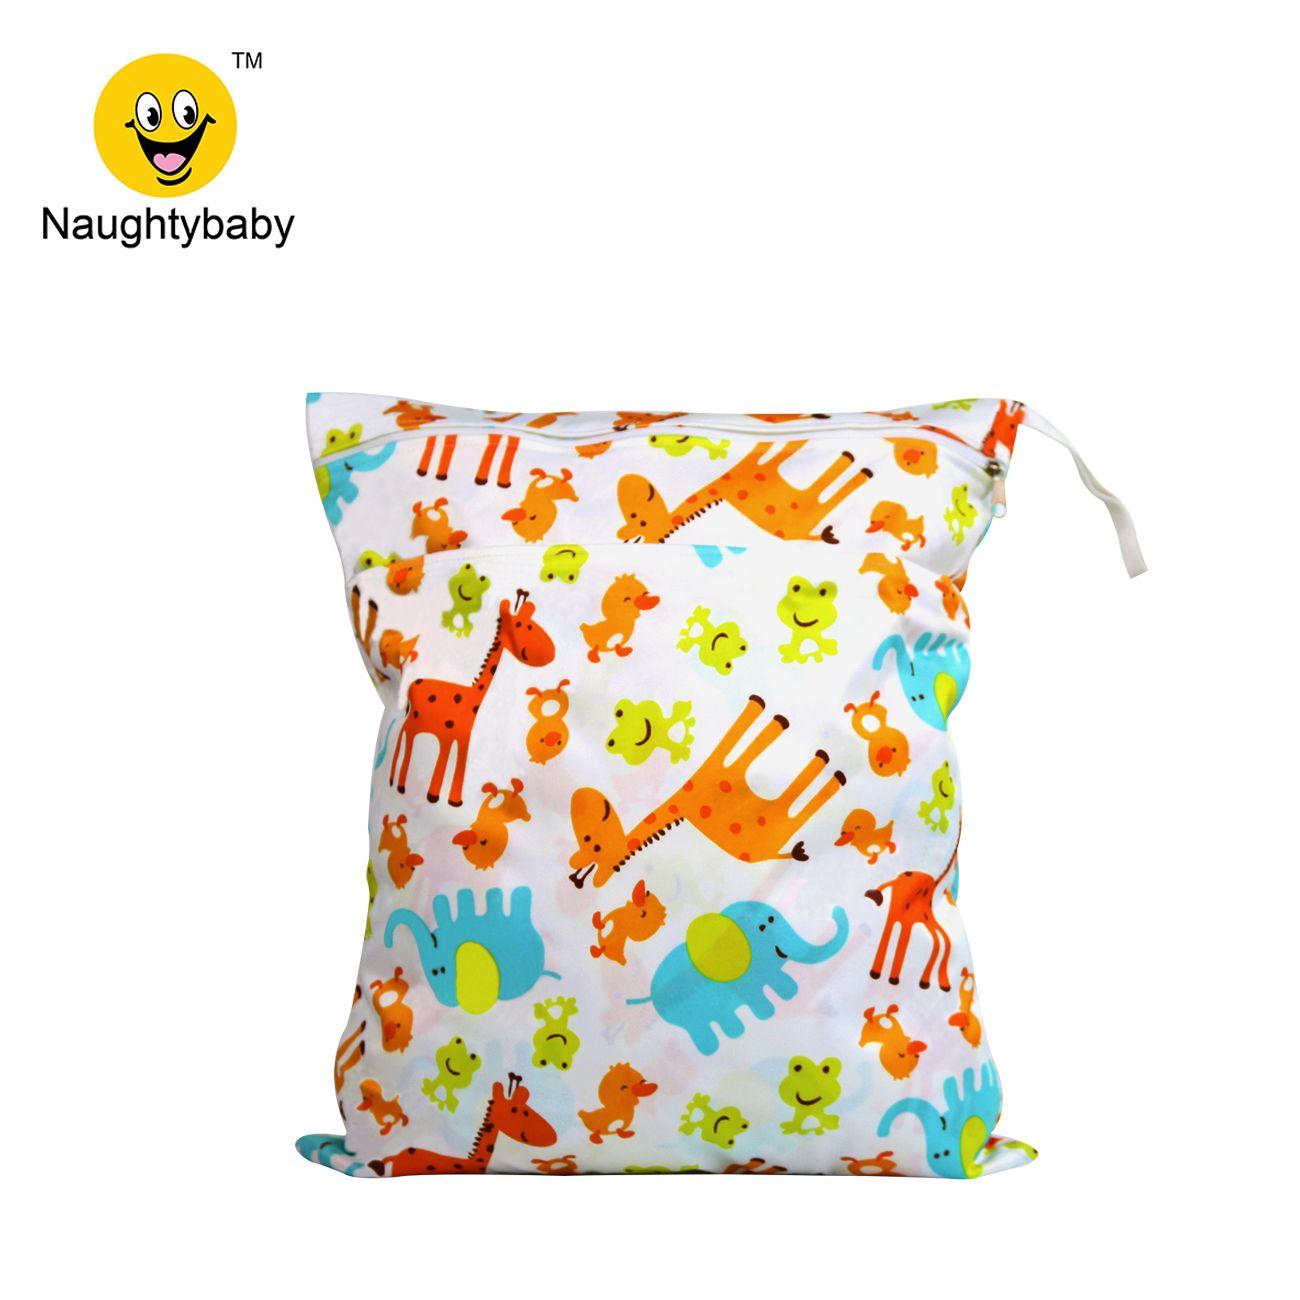 Doekluier nat droge tassen waterdicht herbruikbaar met twee zakken met ritssluiting strand zwembad Daycare Dile Baby artikelen Yoga gym bag